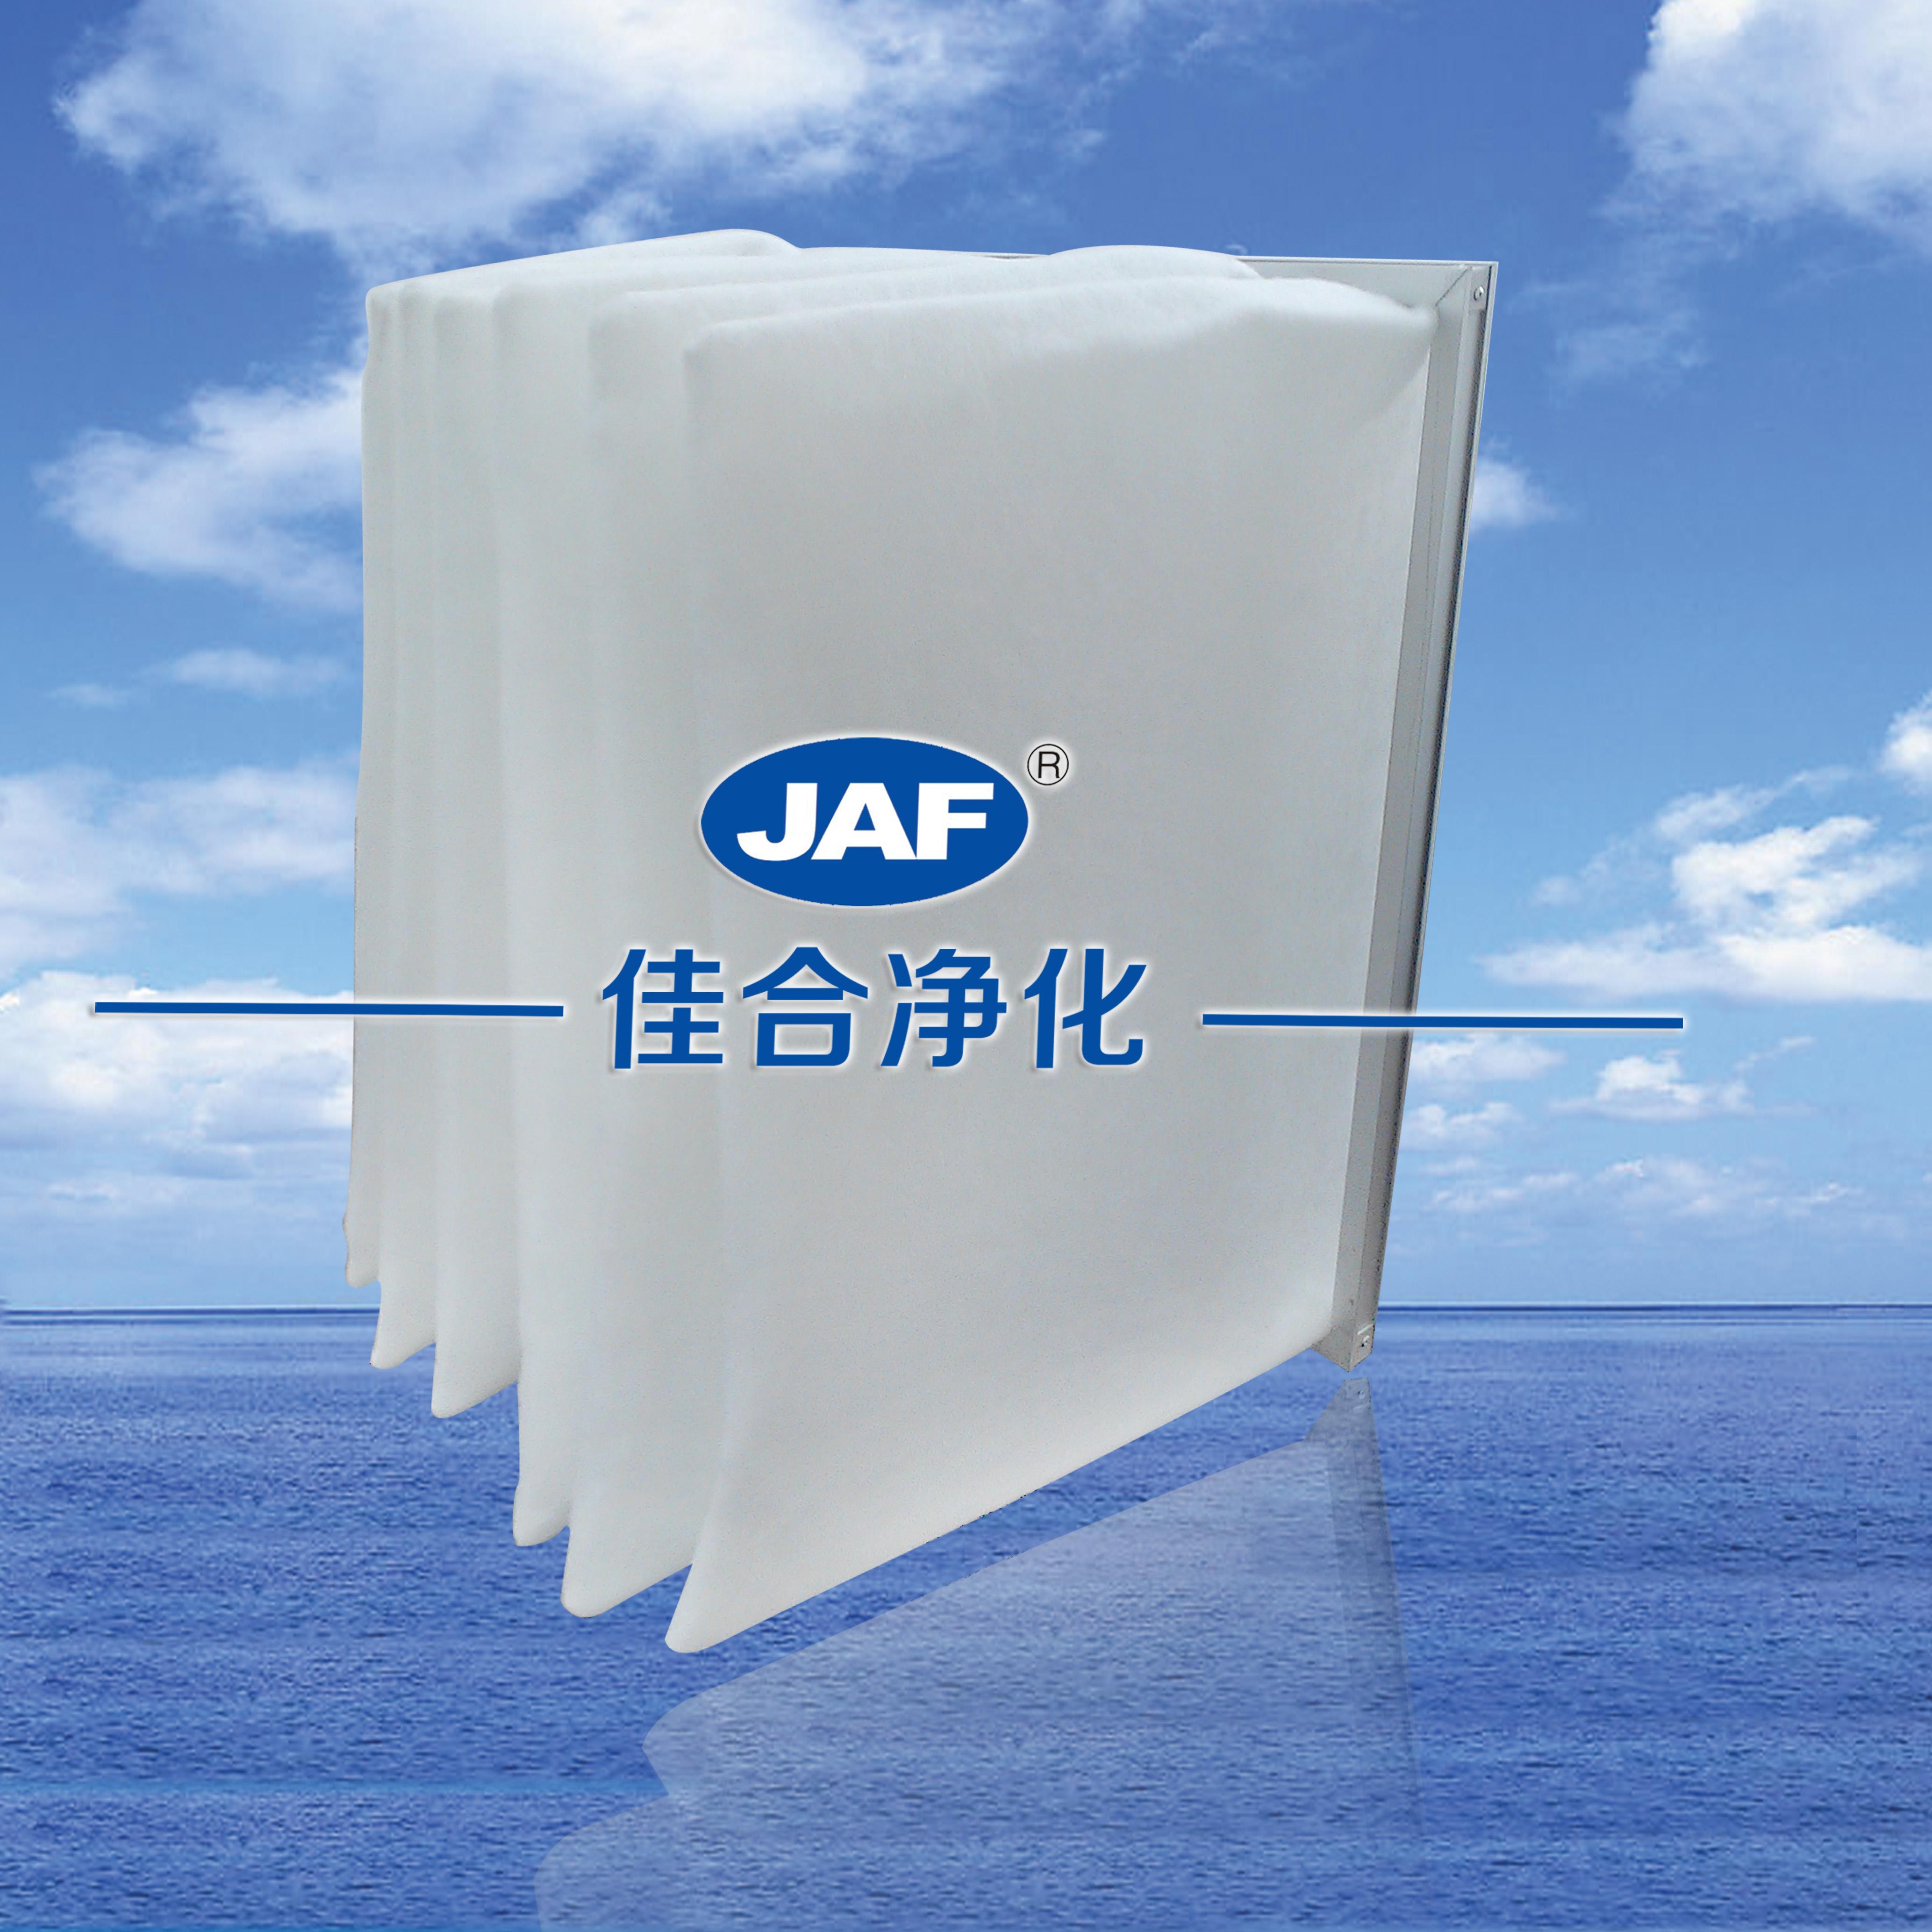 我司技术专家前往重庆进行袋式过滤器技术指导案例